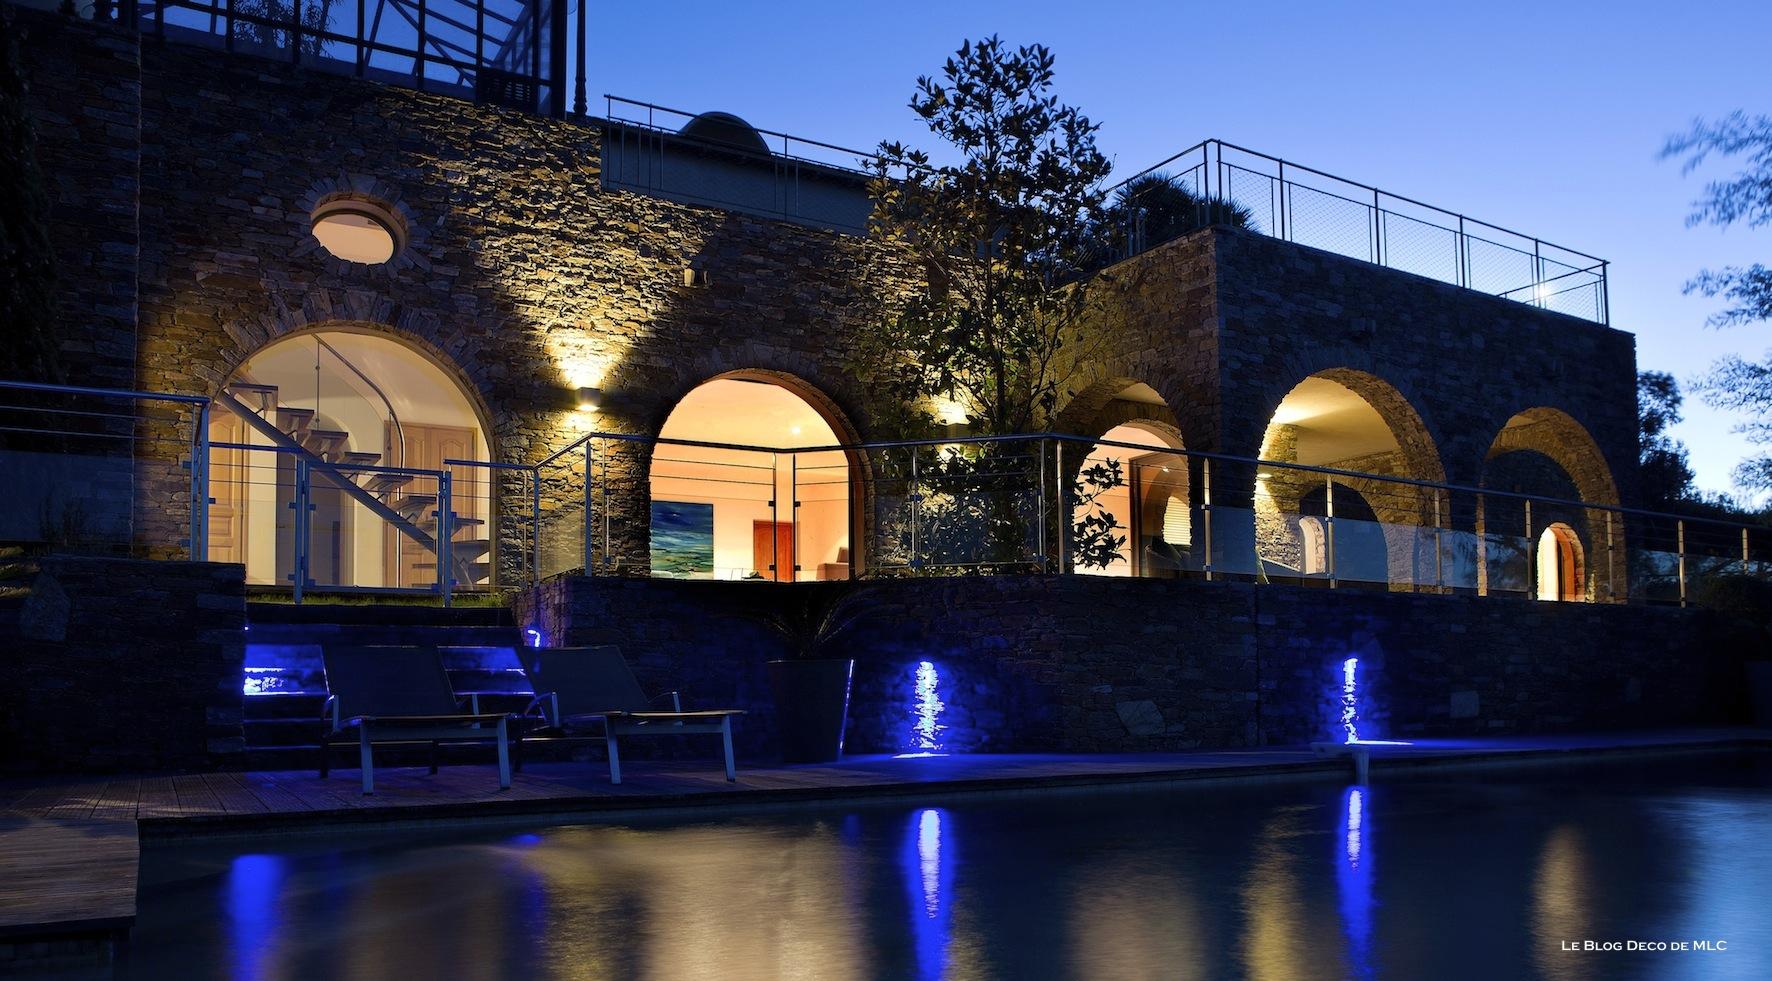 Eclairer la terrasse le soir avec des luminaires d co le for Spot exterieur maison